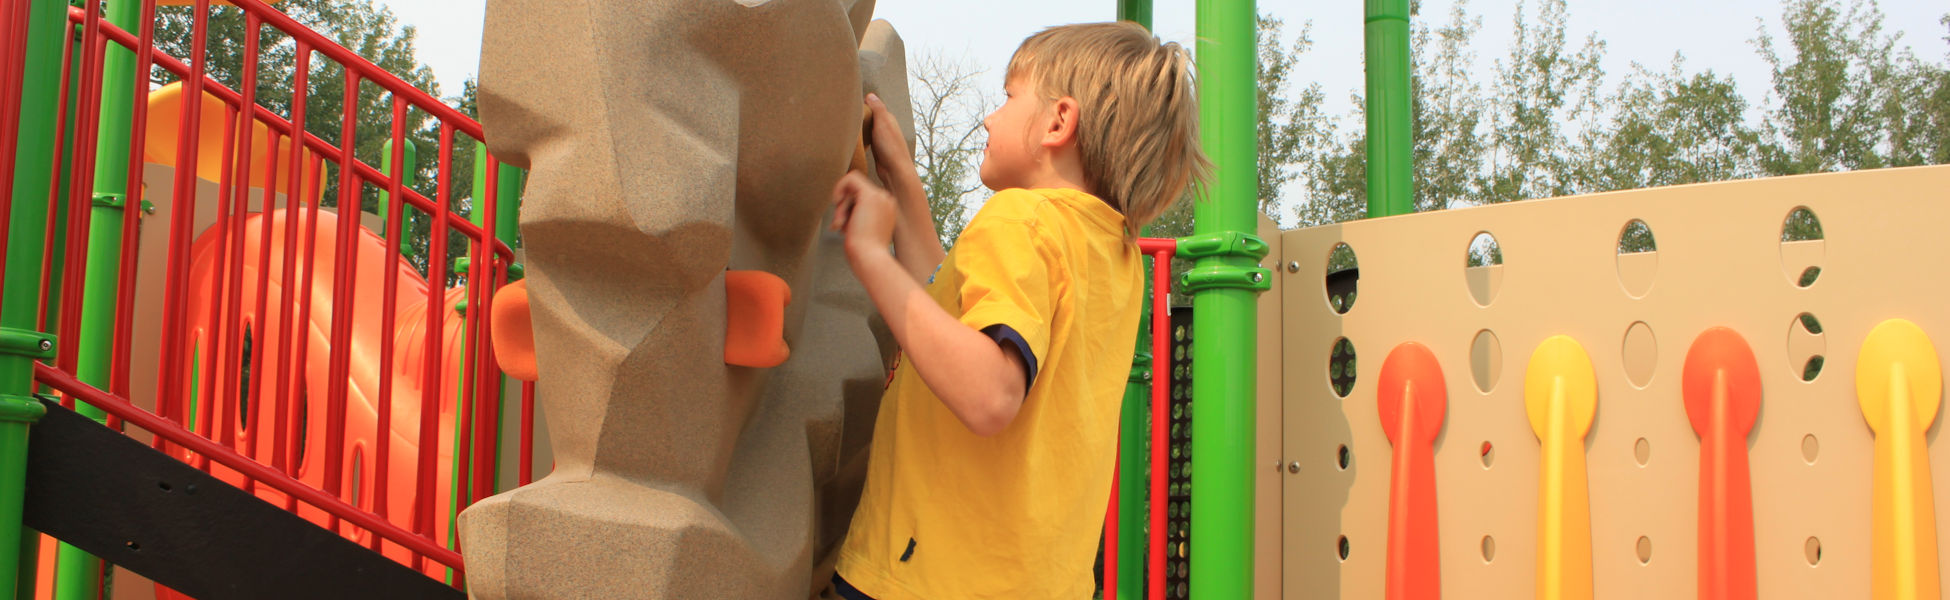 kid climb